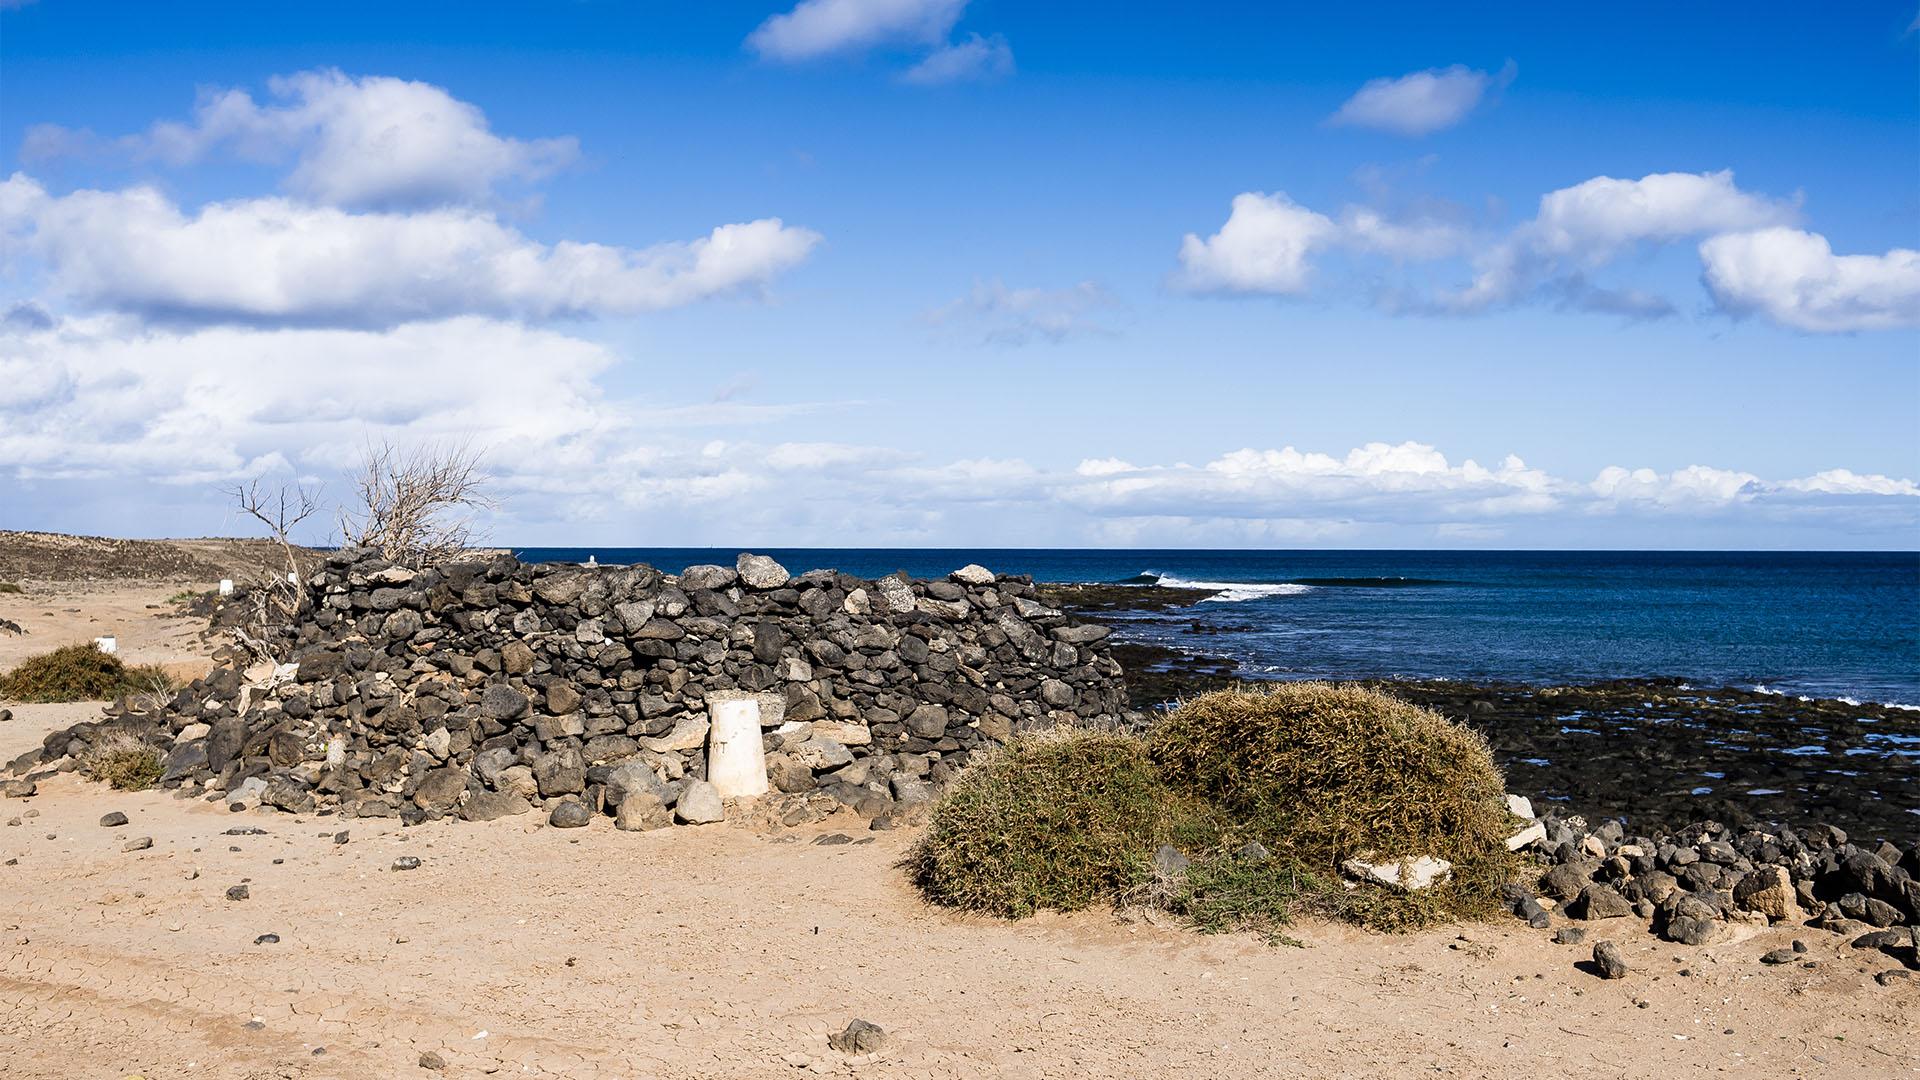 Der Strand Playita de las Arenas im Osten von Puerto del Rosario Fuerteventura.